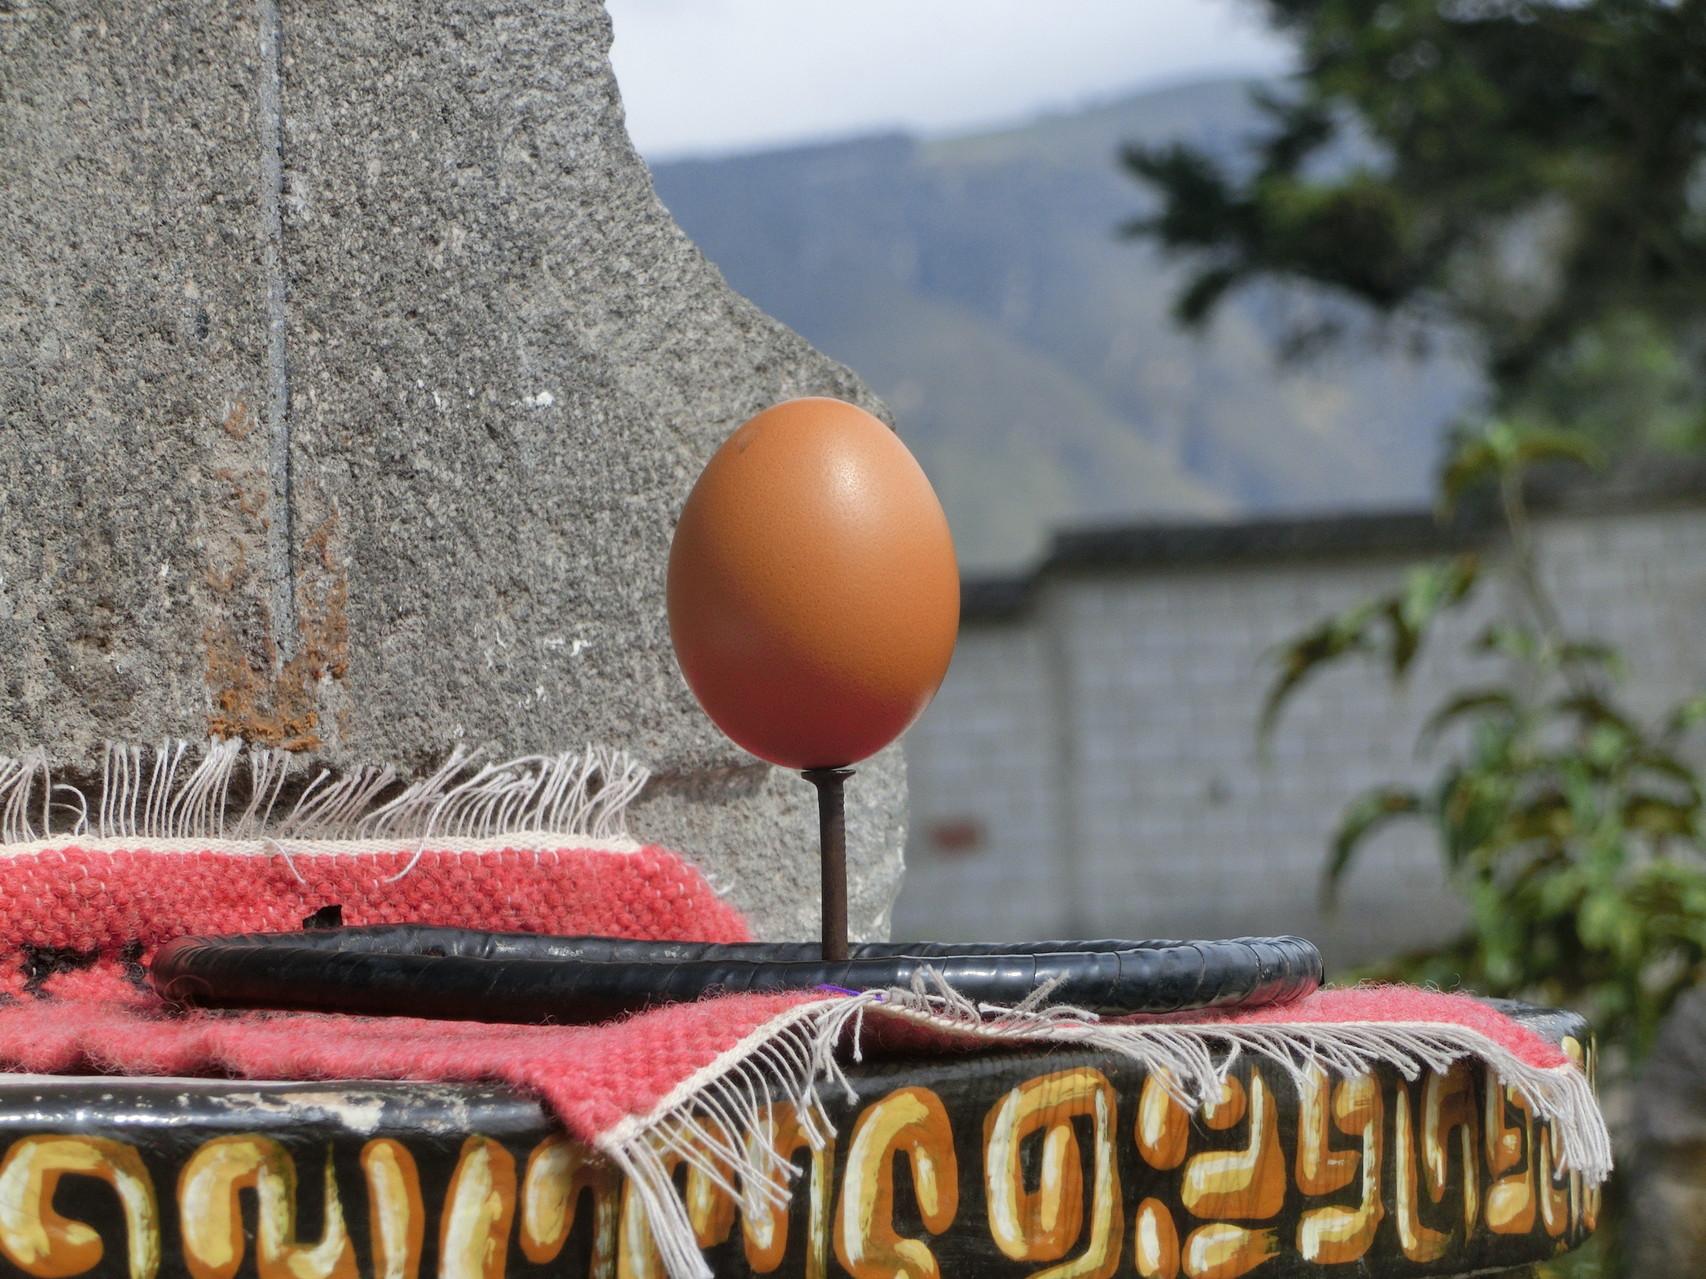 Da bleibt selbst ein Ei stehen